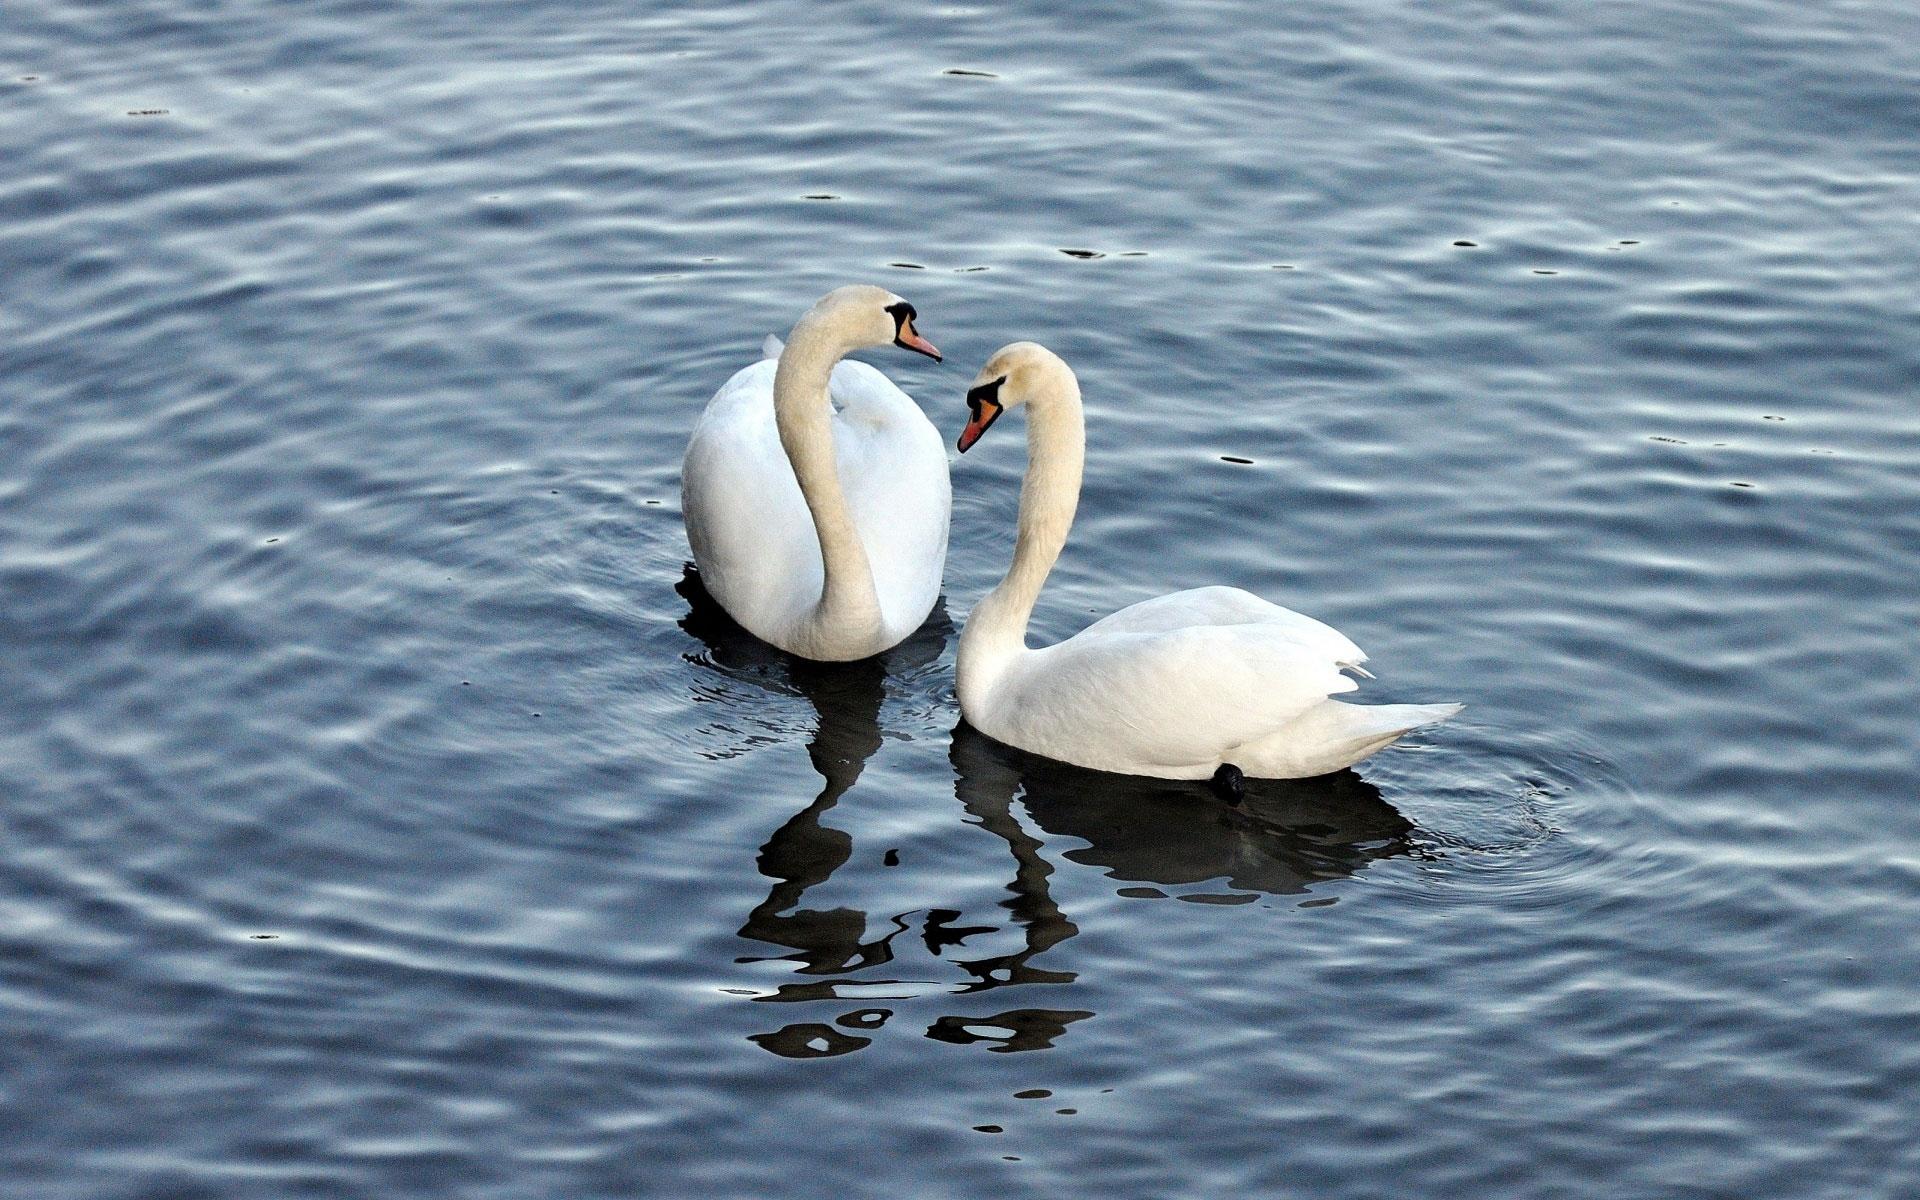 Обои на телефон с лебедями (15)